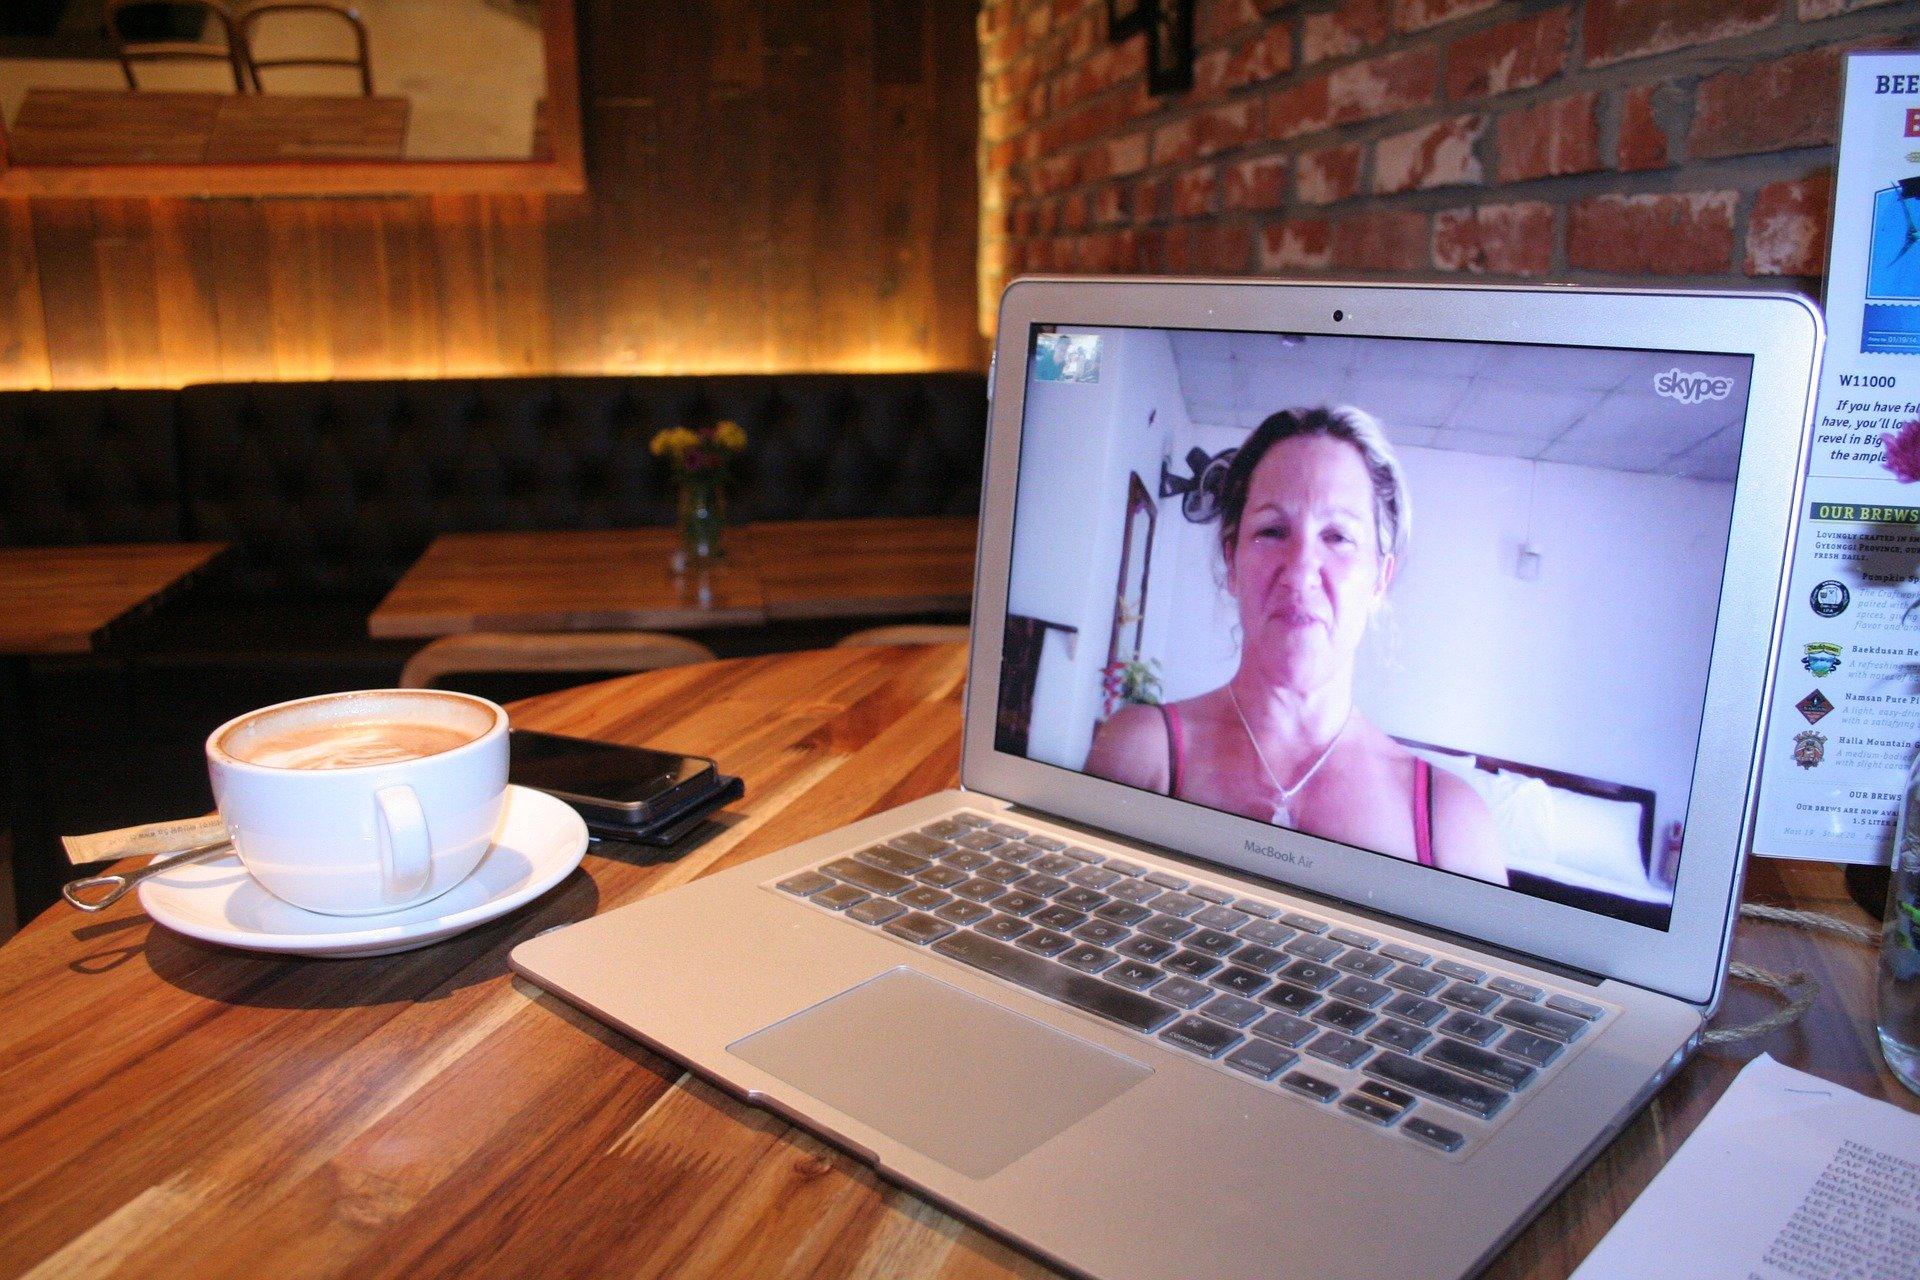 skype 835470 1920 - Thuiswerken en cybercrime - Skype cybercrime en thuiswerken